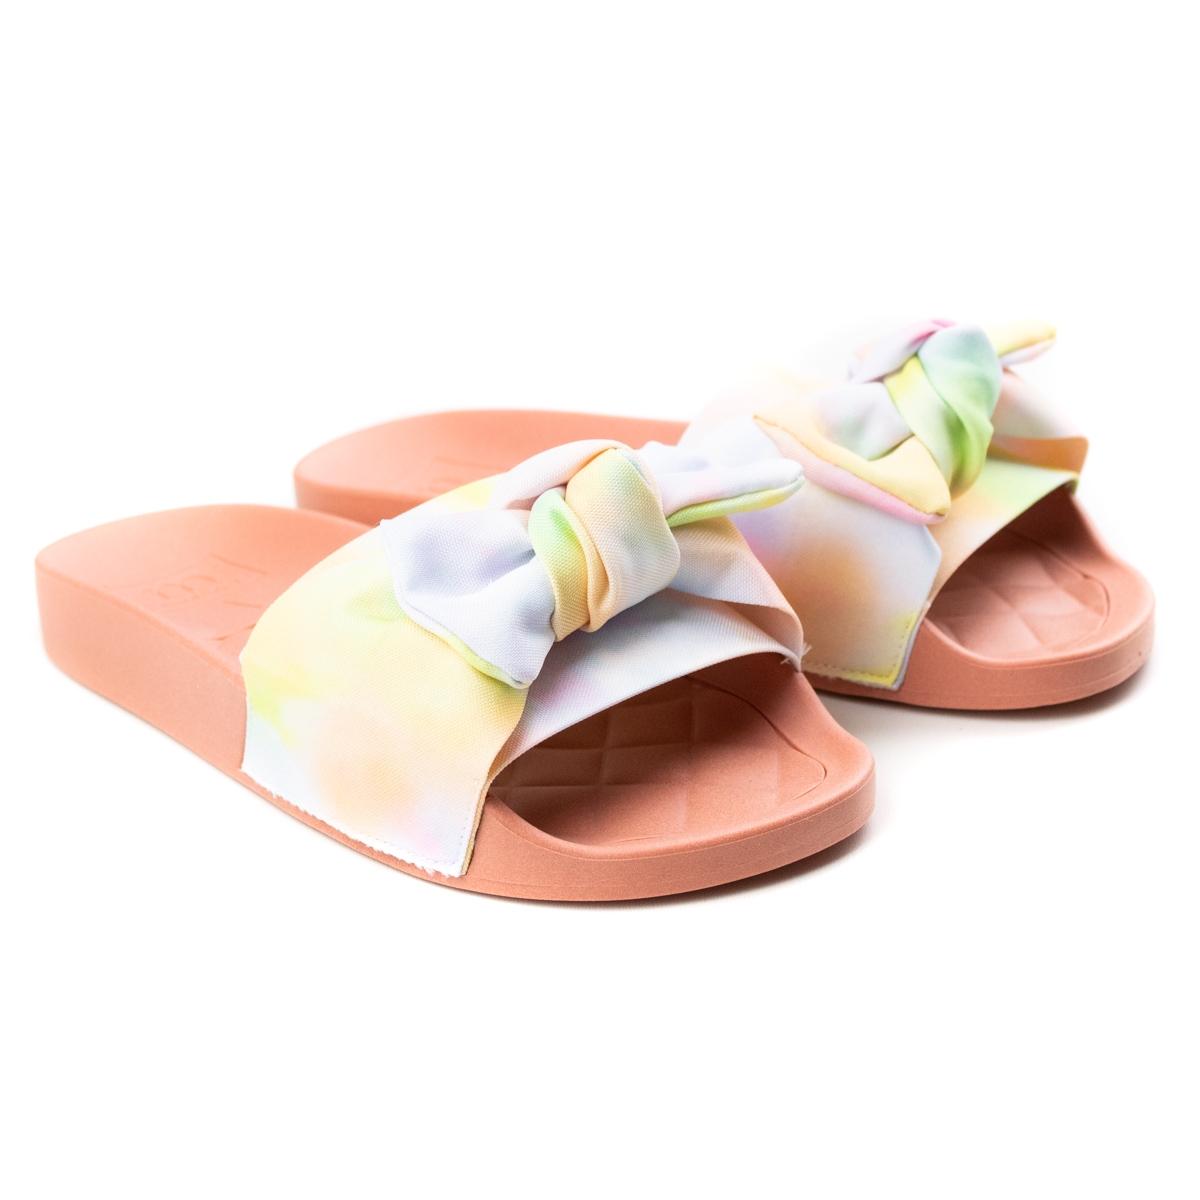 Tamanco Feminino Moleca Slide Tecido - Multi color